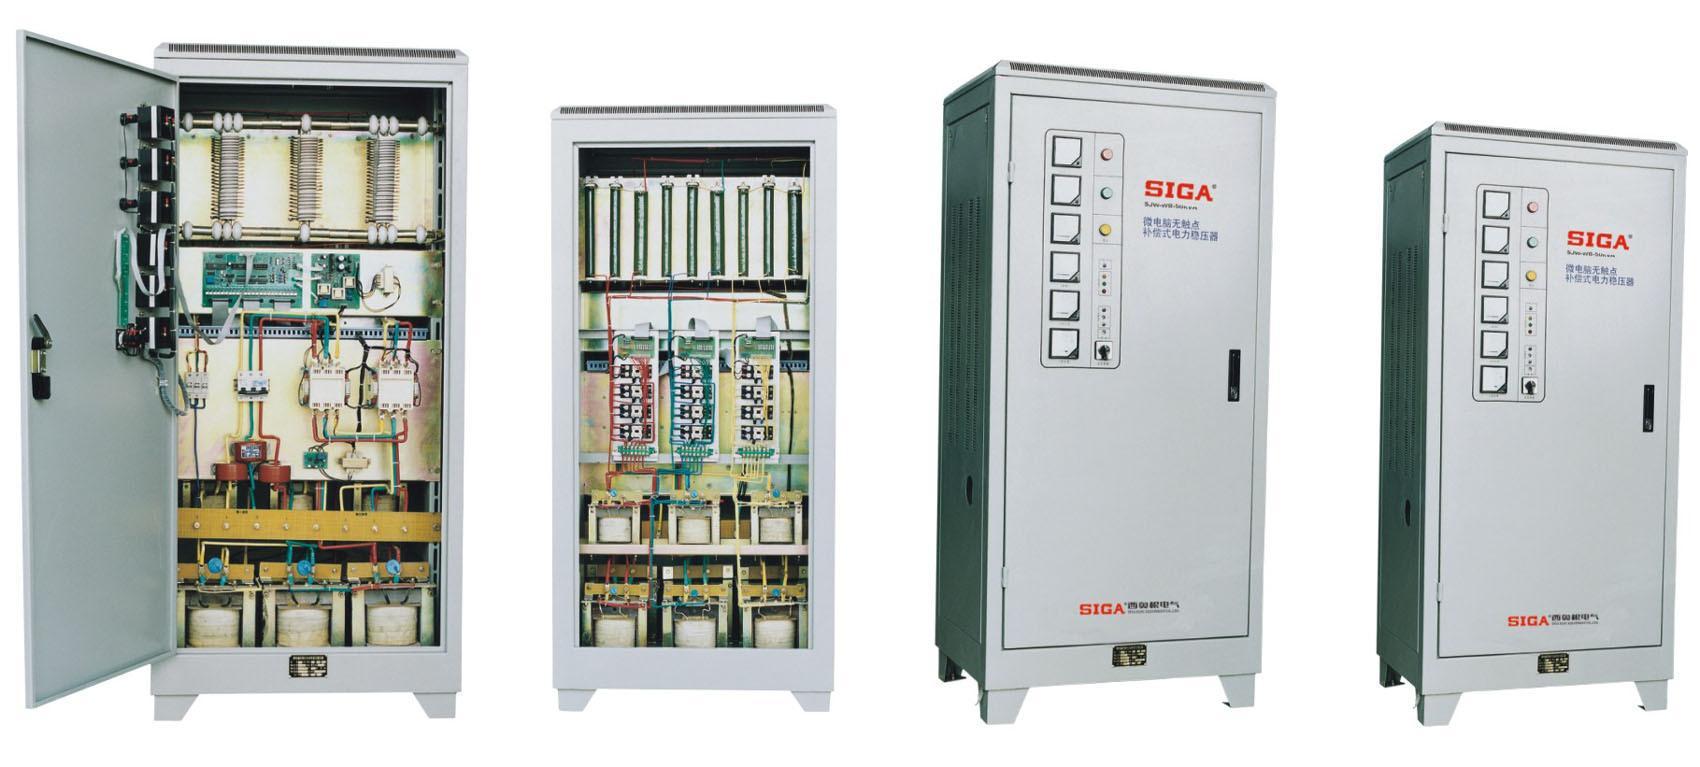 输出电压 单相220v  三相线电压380v,相电压220v 频率 50hz/60hz 稳压